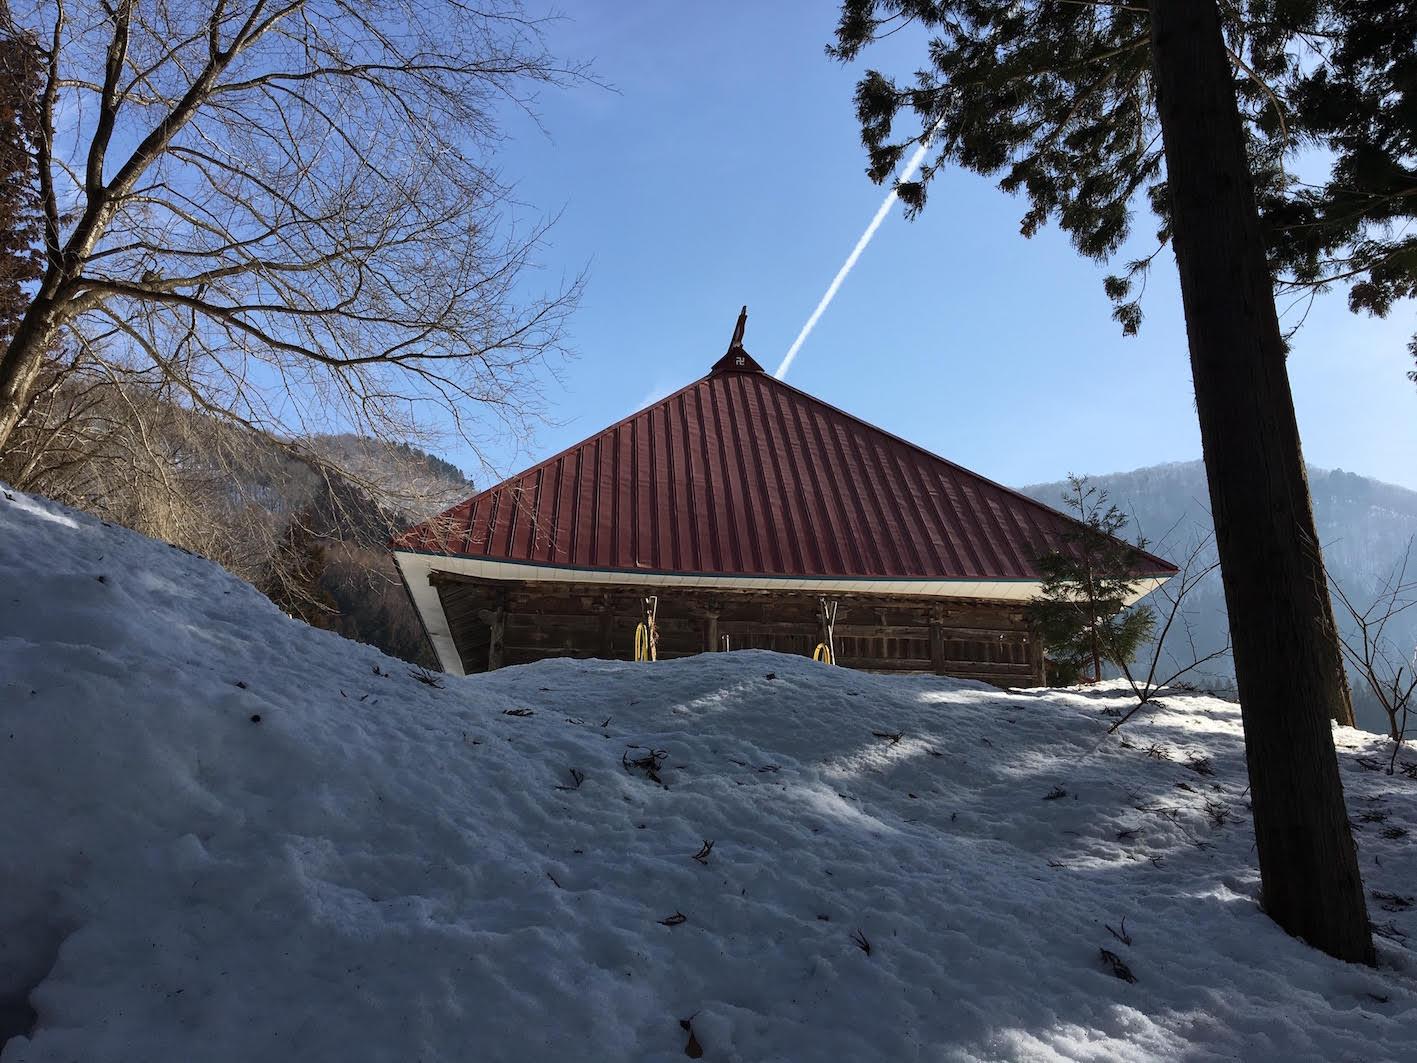 完全に雪に埋もれている講堂。かつては元隆寺の中之院に属していた建物